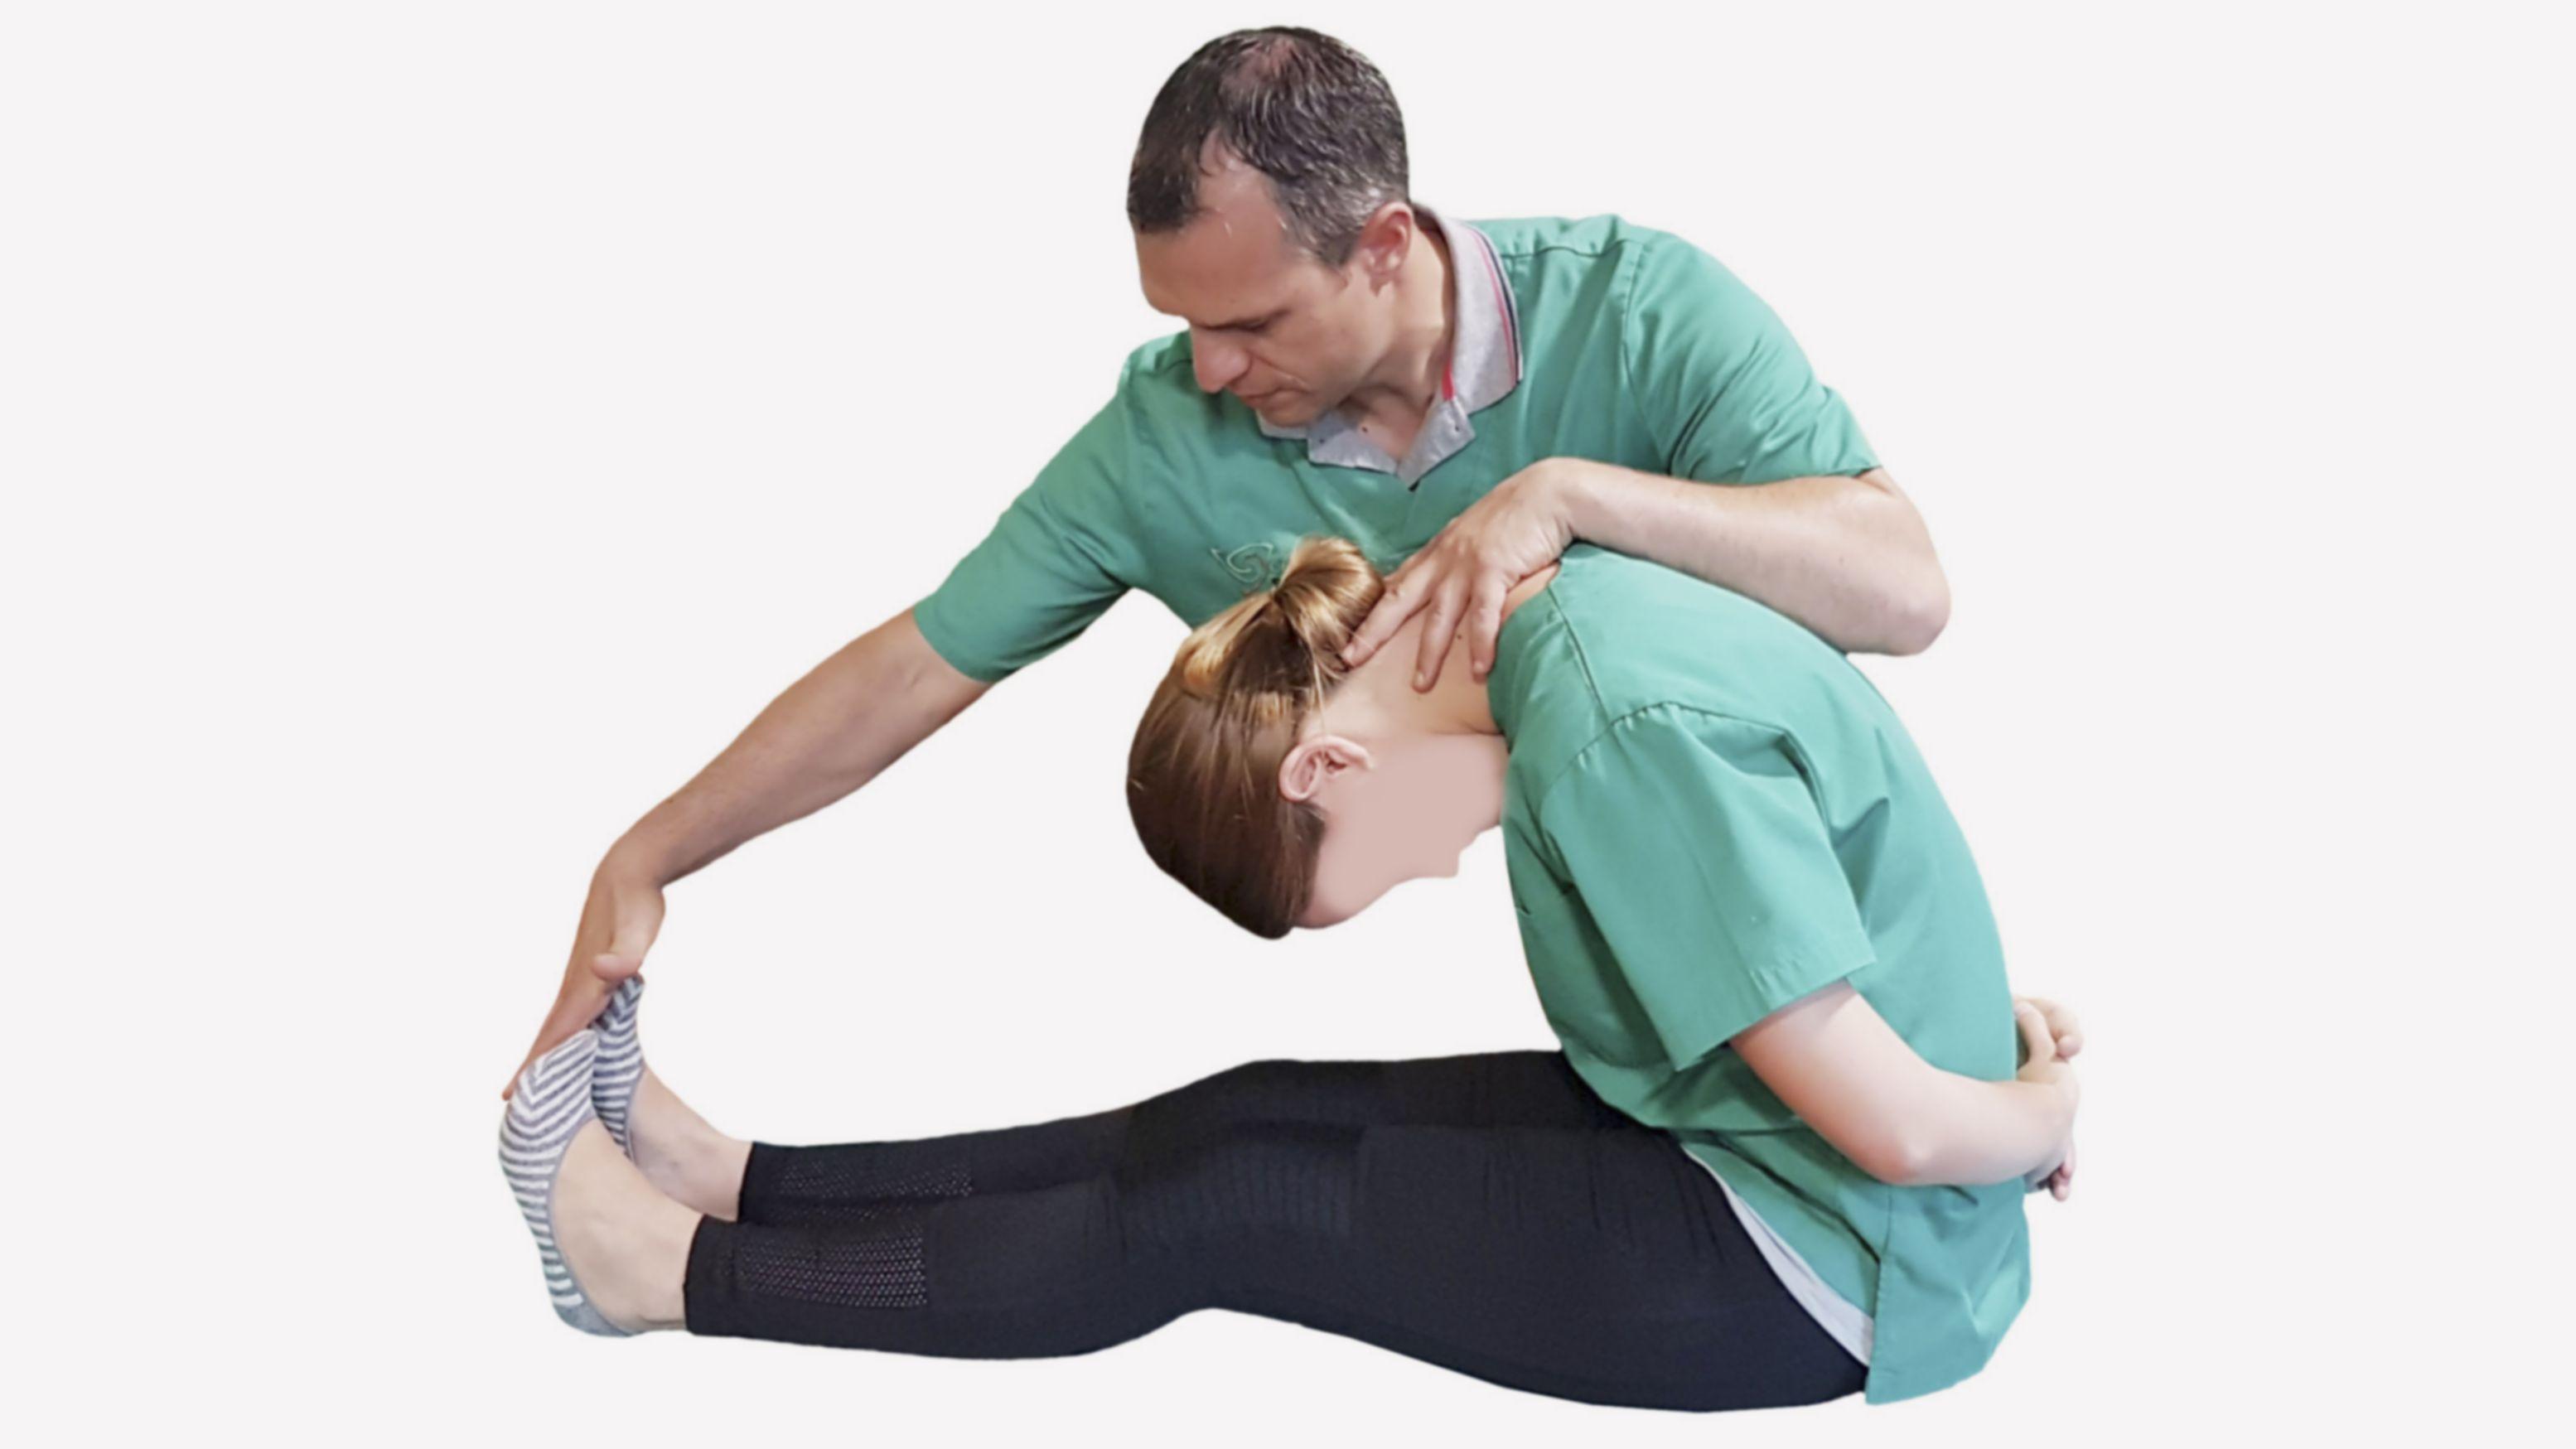 Movilización neurodinámica aplicada a la práctica clínica en fisioterapia - Bilbao